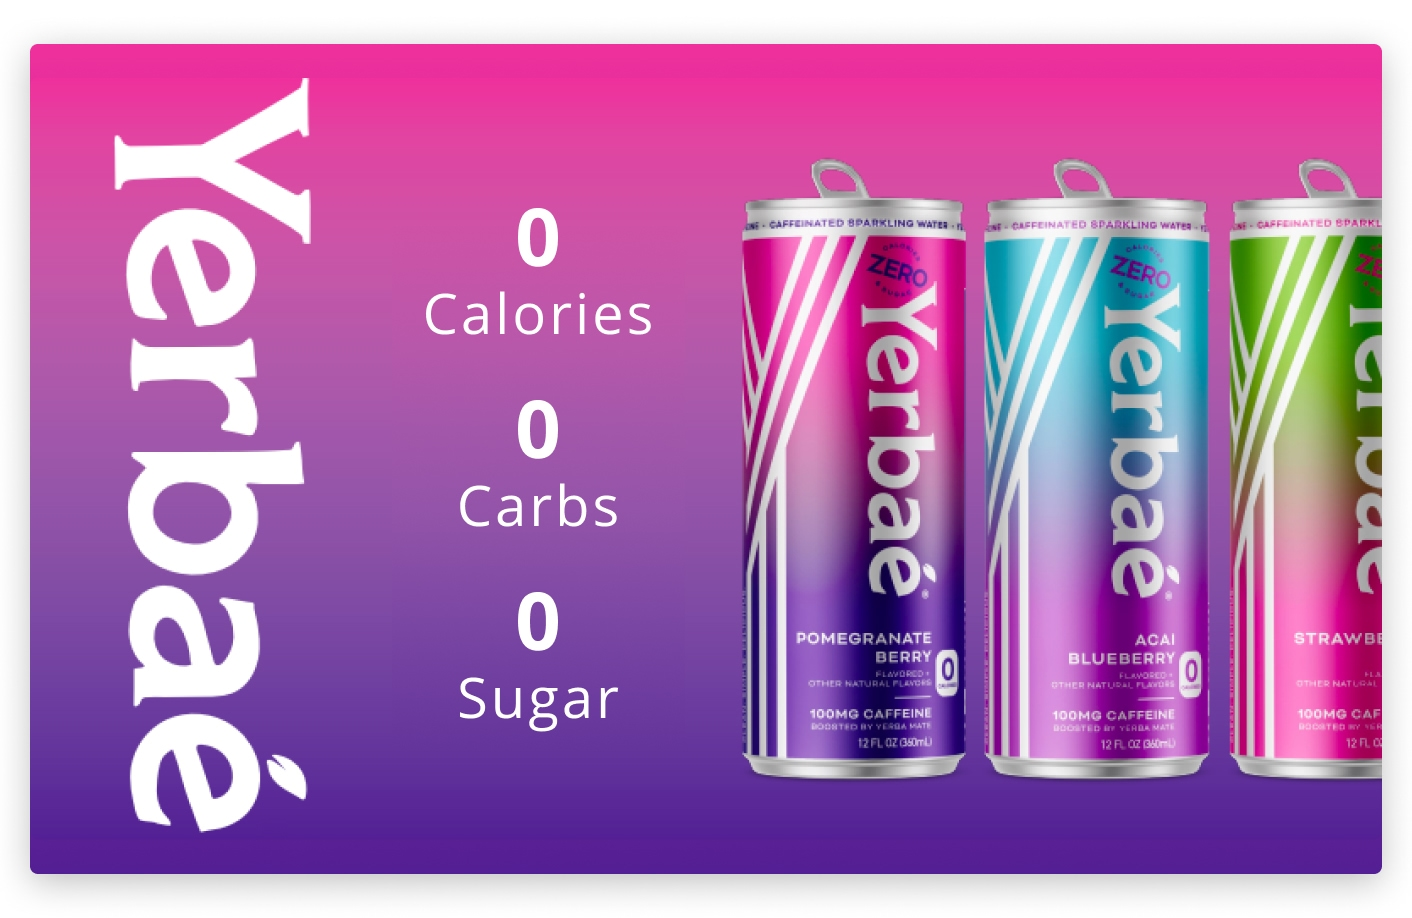 0 calories, 0 carbs, 0 sugar